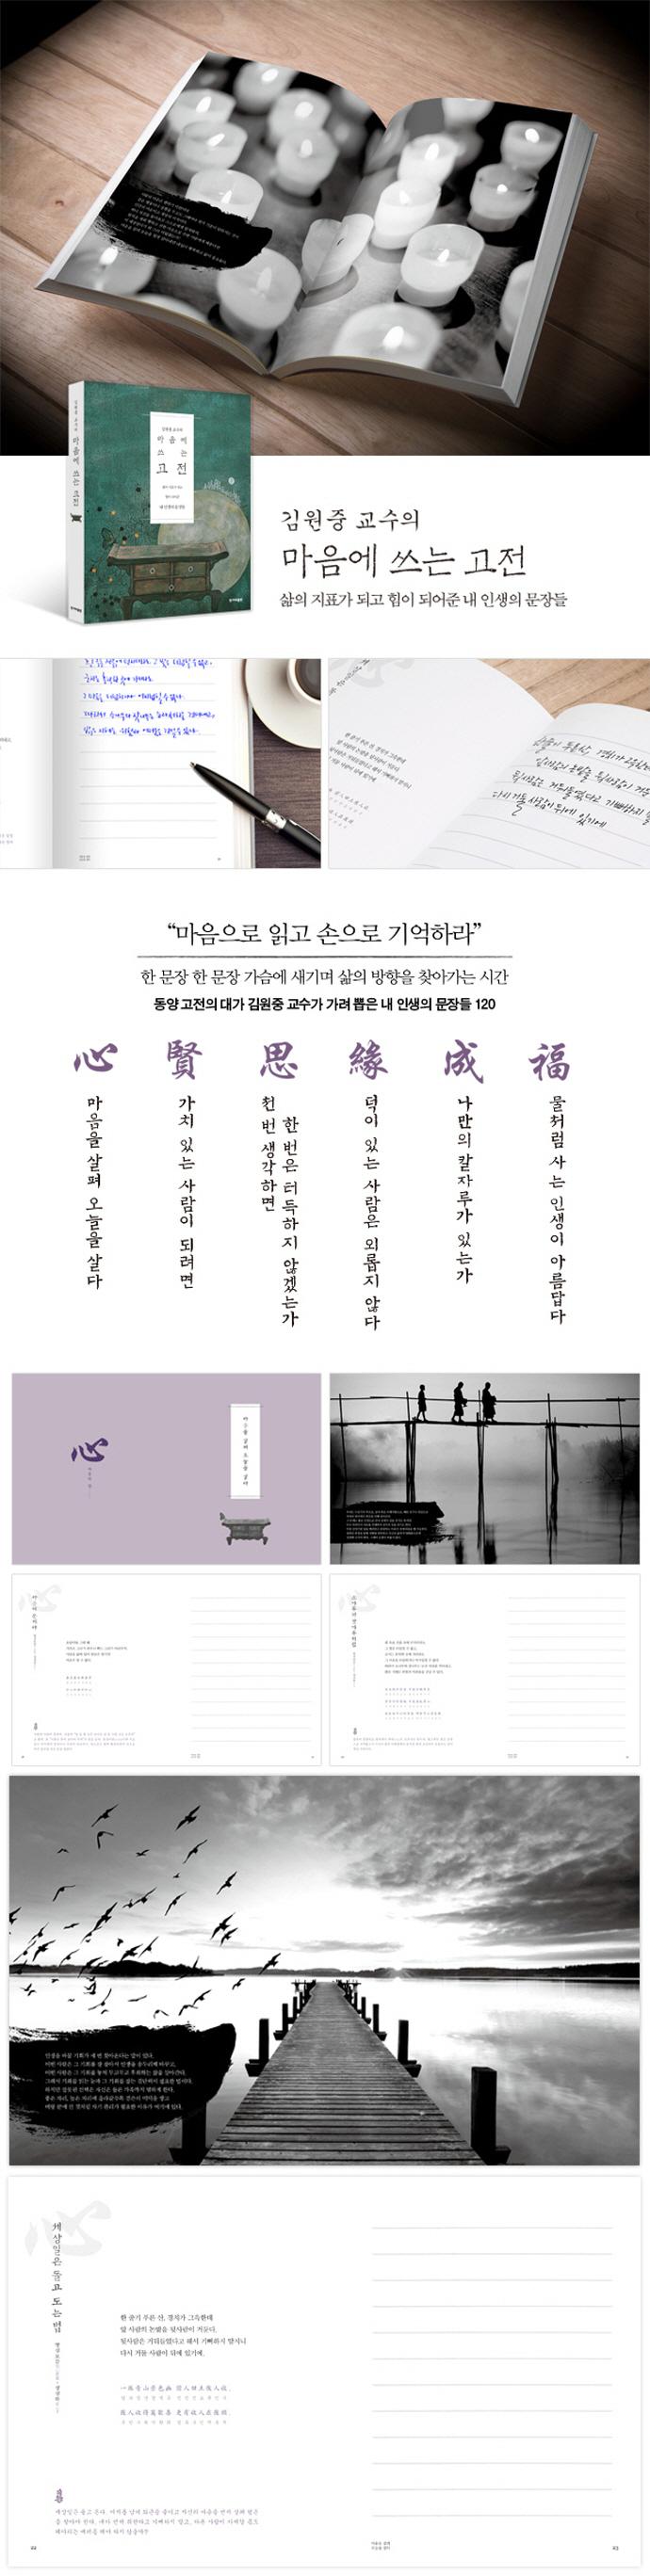 마음에 쓰는 고전(김원중 교수의) 도서 상세이미지